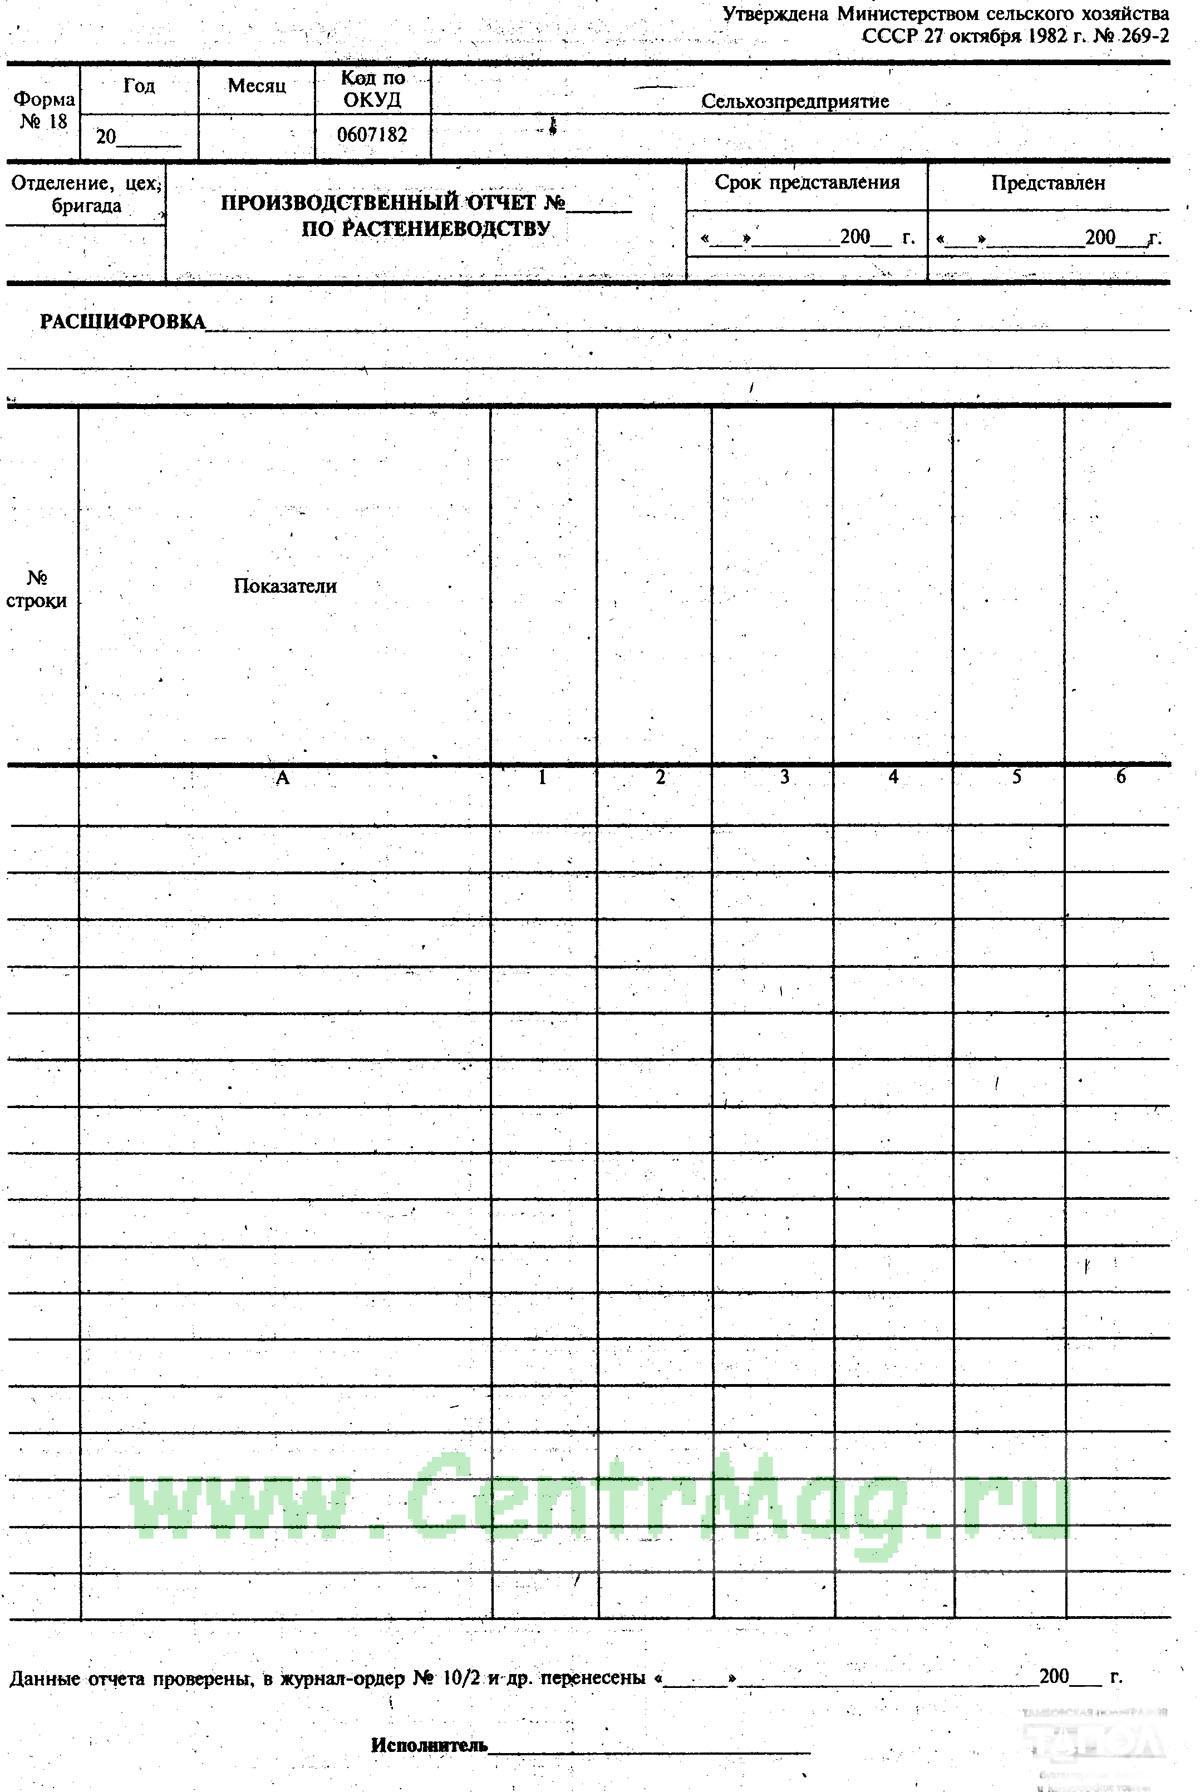 Производственный отчёт по растениеводству форма 18